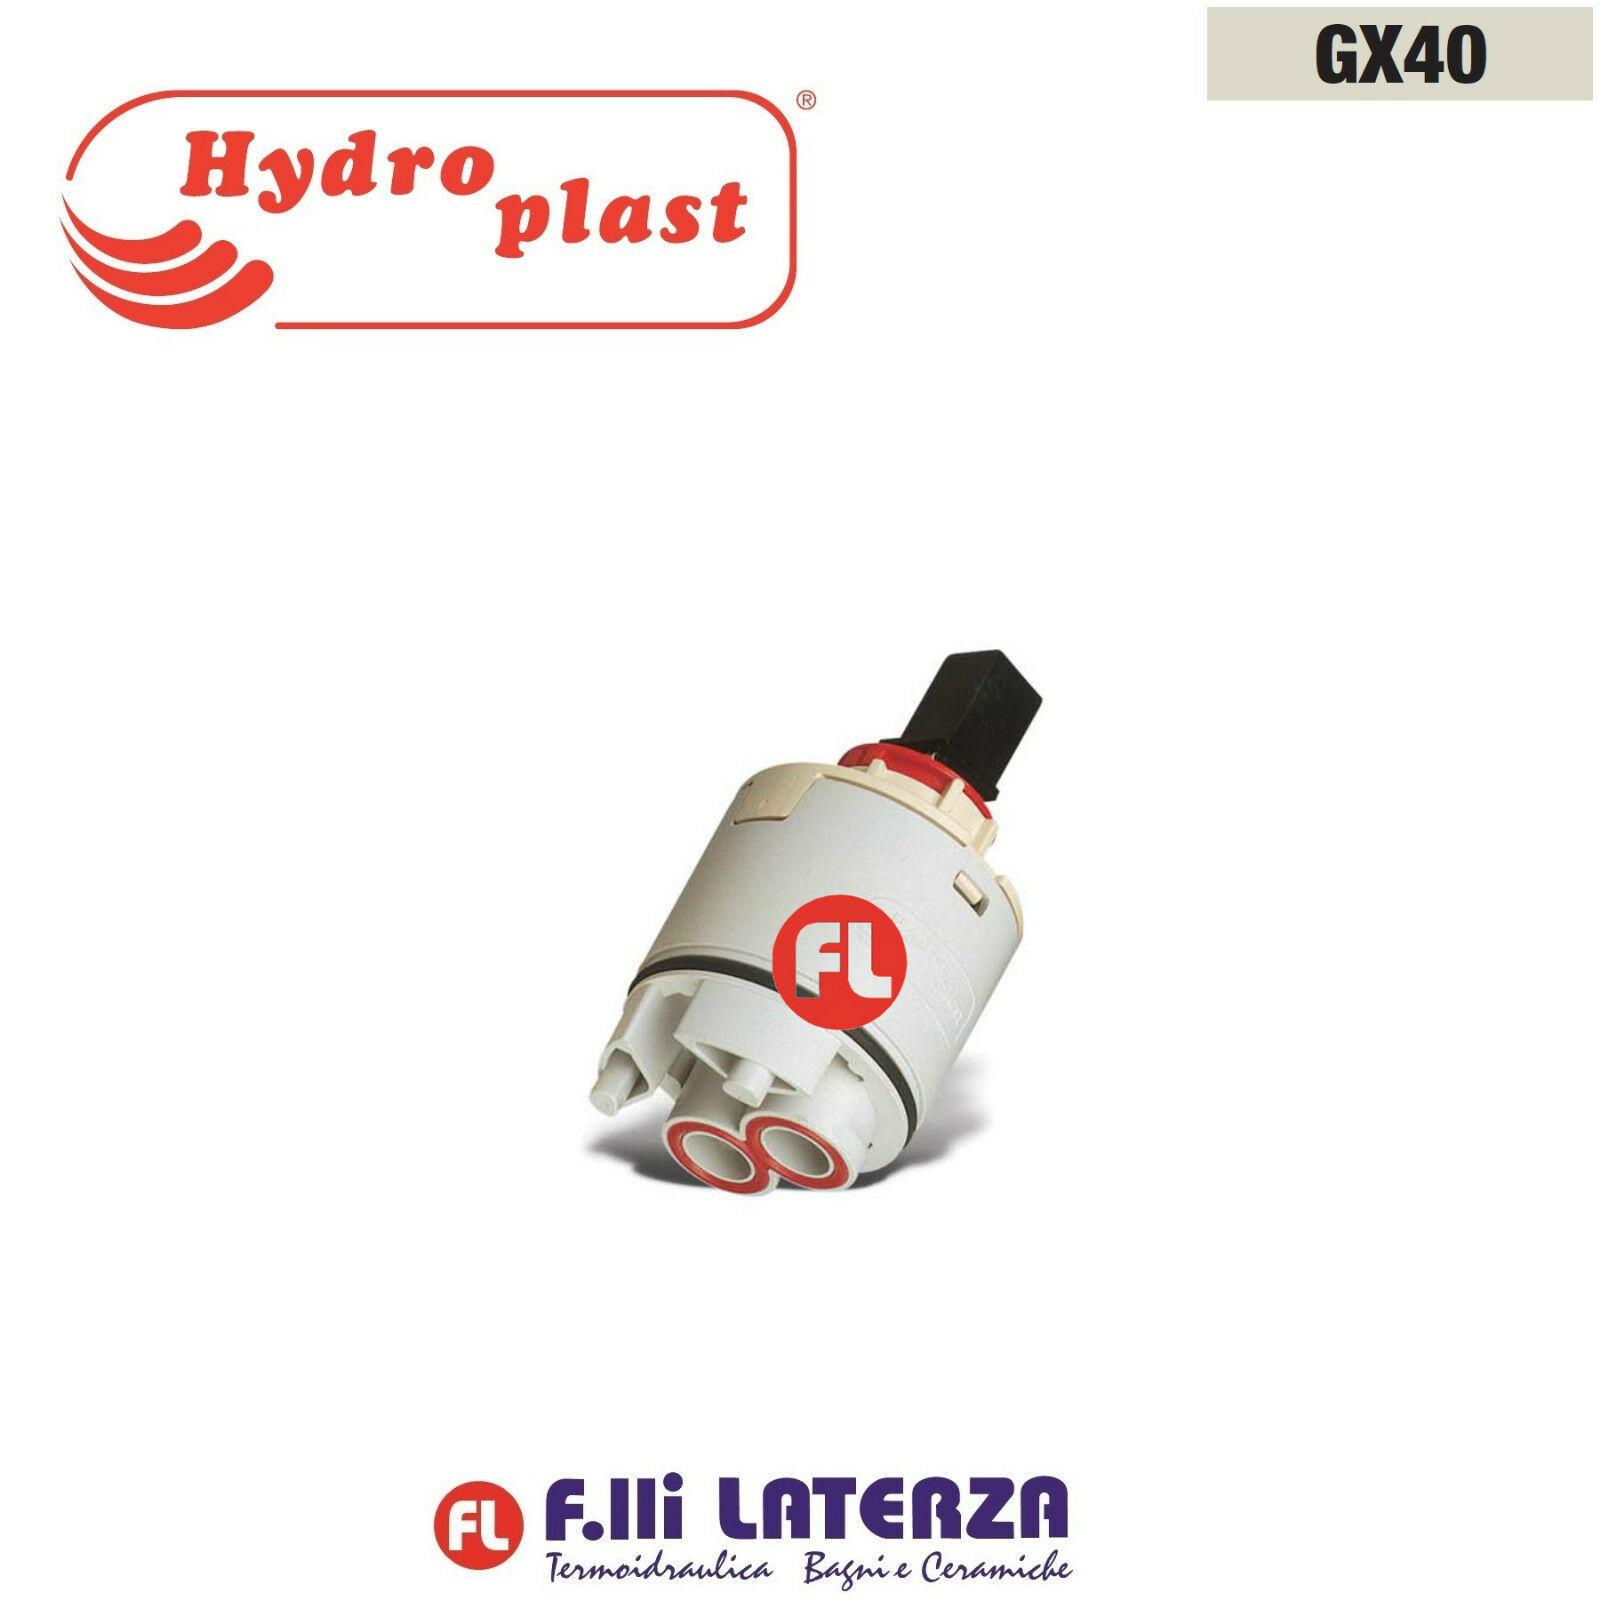 RICAMBIO CARTUCCIA HYDROPLAST Mod CX42 RICAMBI PER MISCELATORE MONOCOMANDO